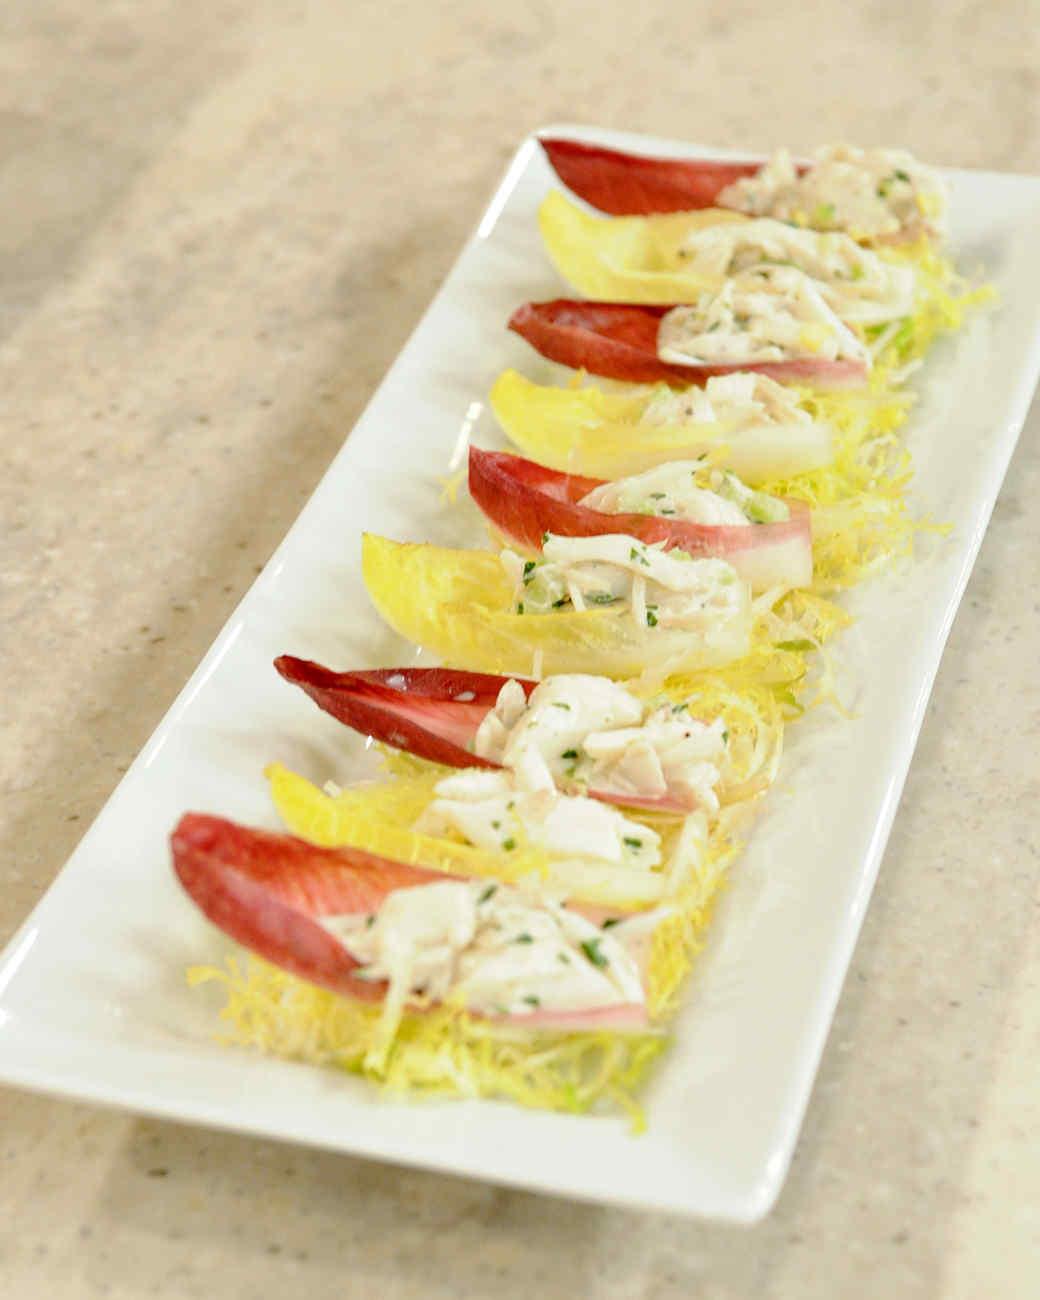 Crabmeat and Endive Salad